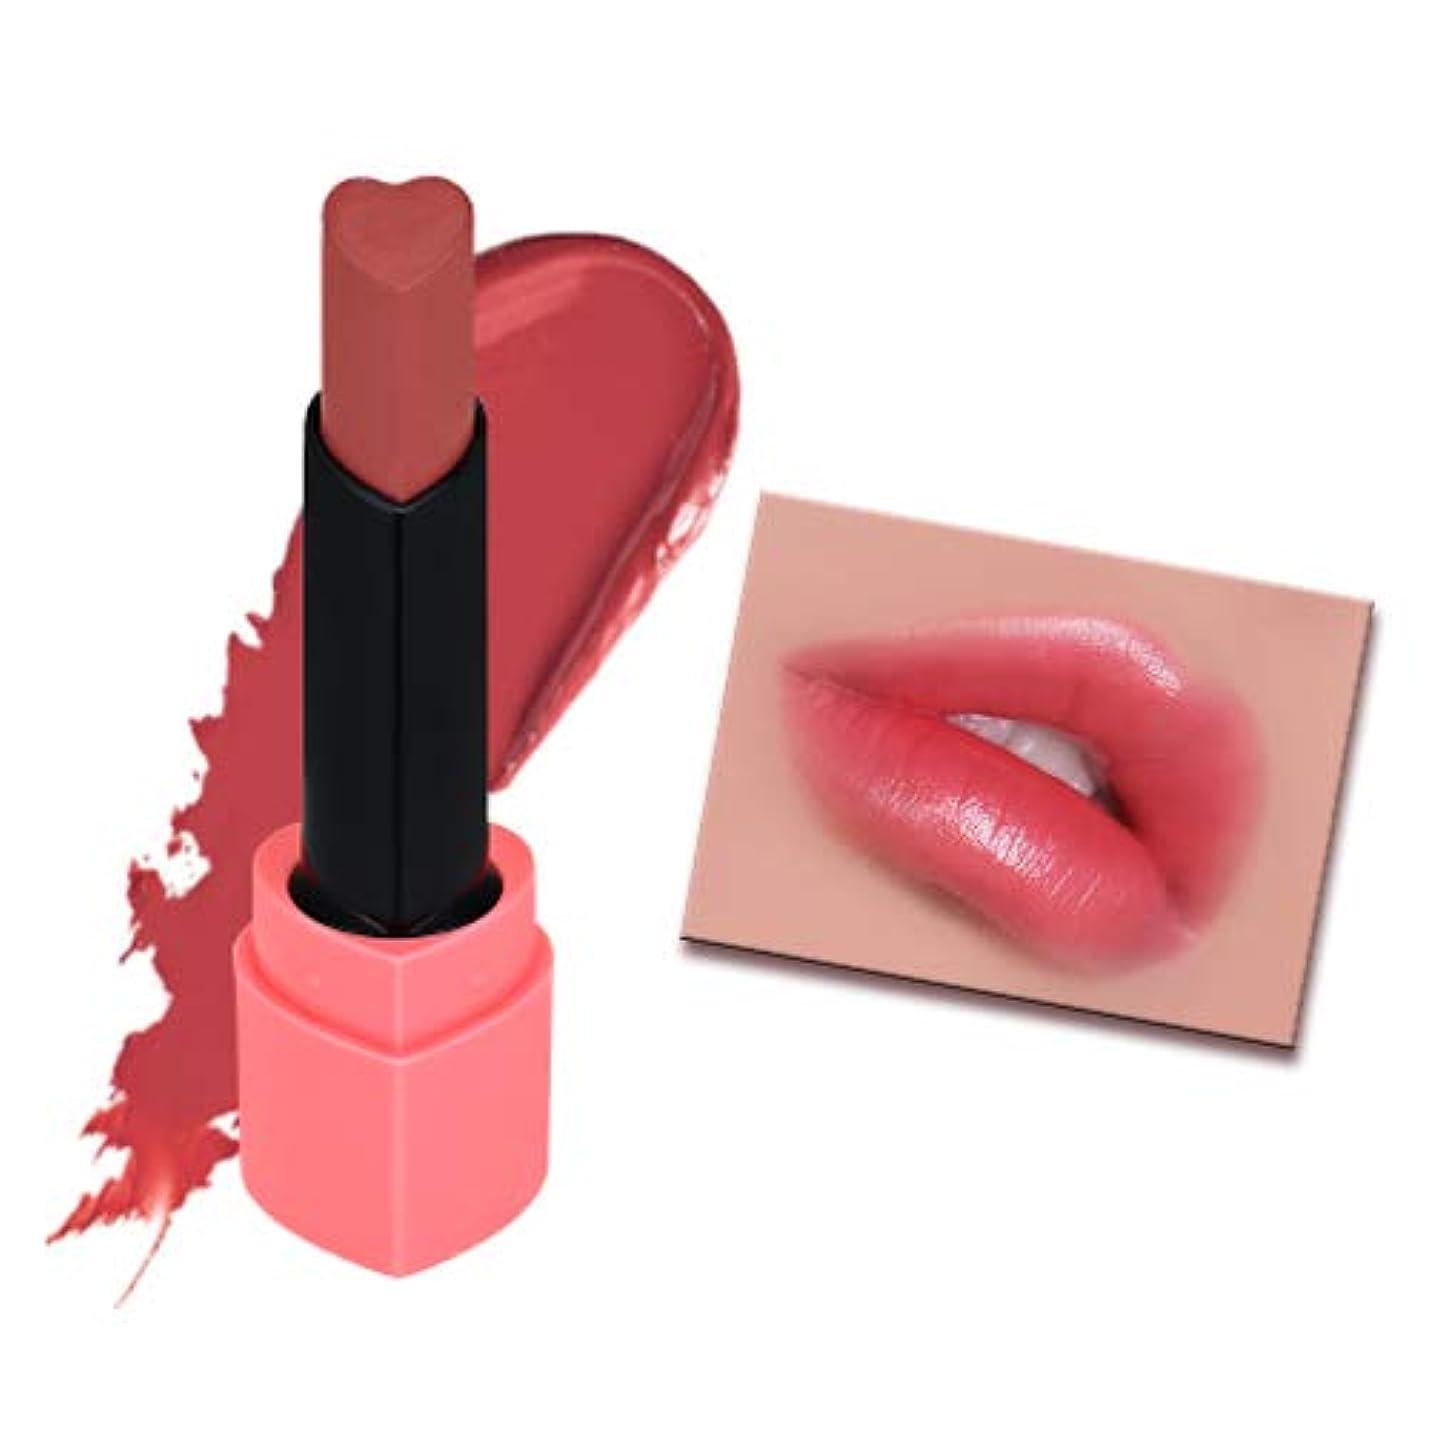 ジョージバーナード豊富なホームレスホリカホリカ NEW!ハートクラッシュ口紅 [メルティング] / HOLIKAHOLIKA Heart Crush Melting Lipstick 1.8g (#PK04 プリムローズ) [並行輸入品]